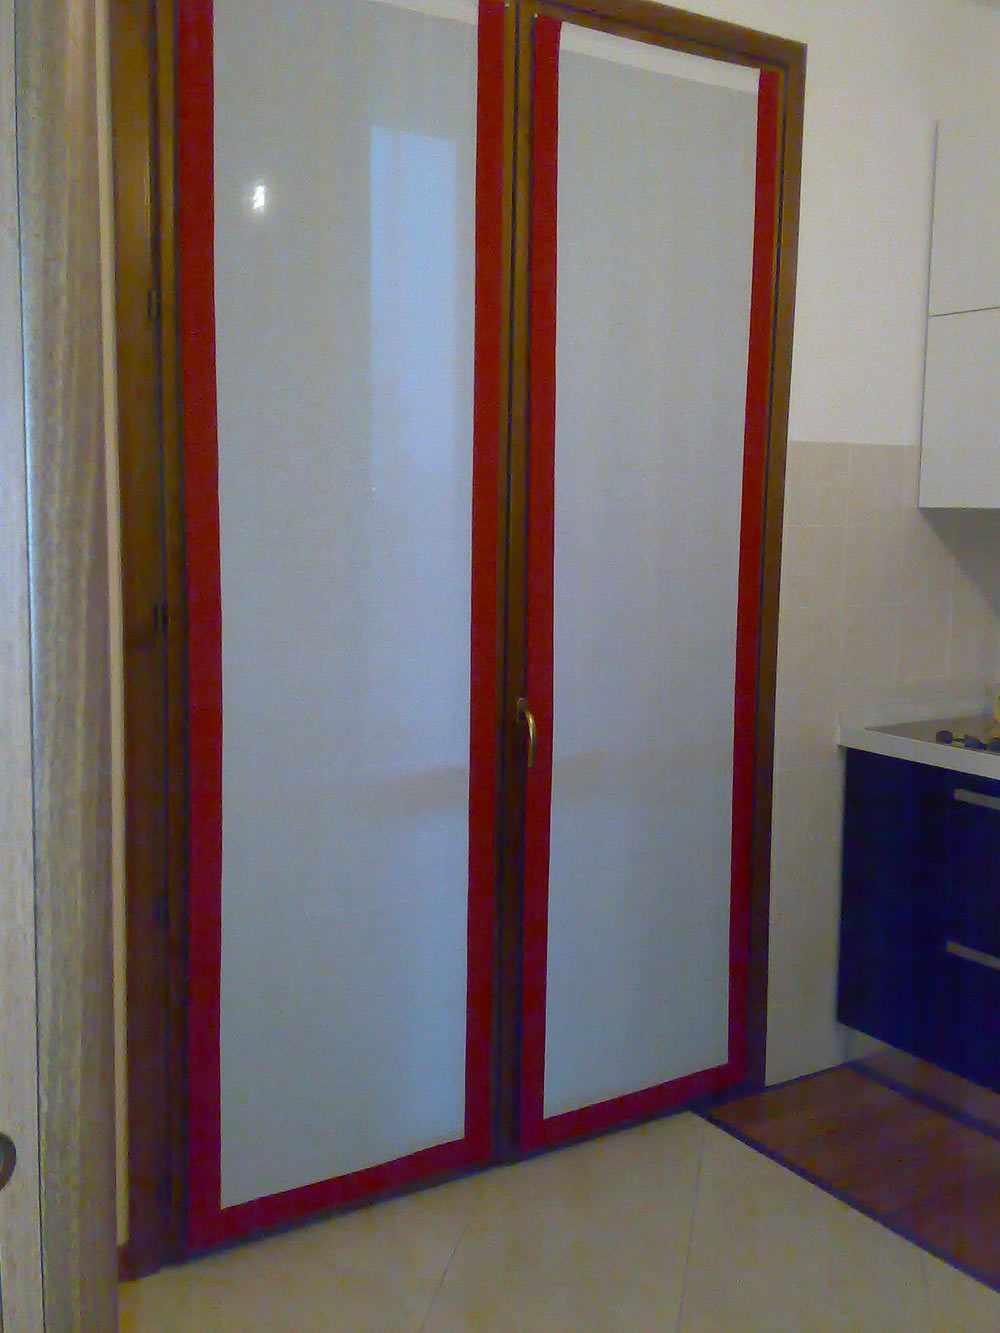 lambrotenda milano, tende da interni, da sole, tecniche, e coperture - Tende Da Arredamento Interni